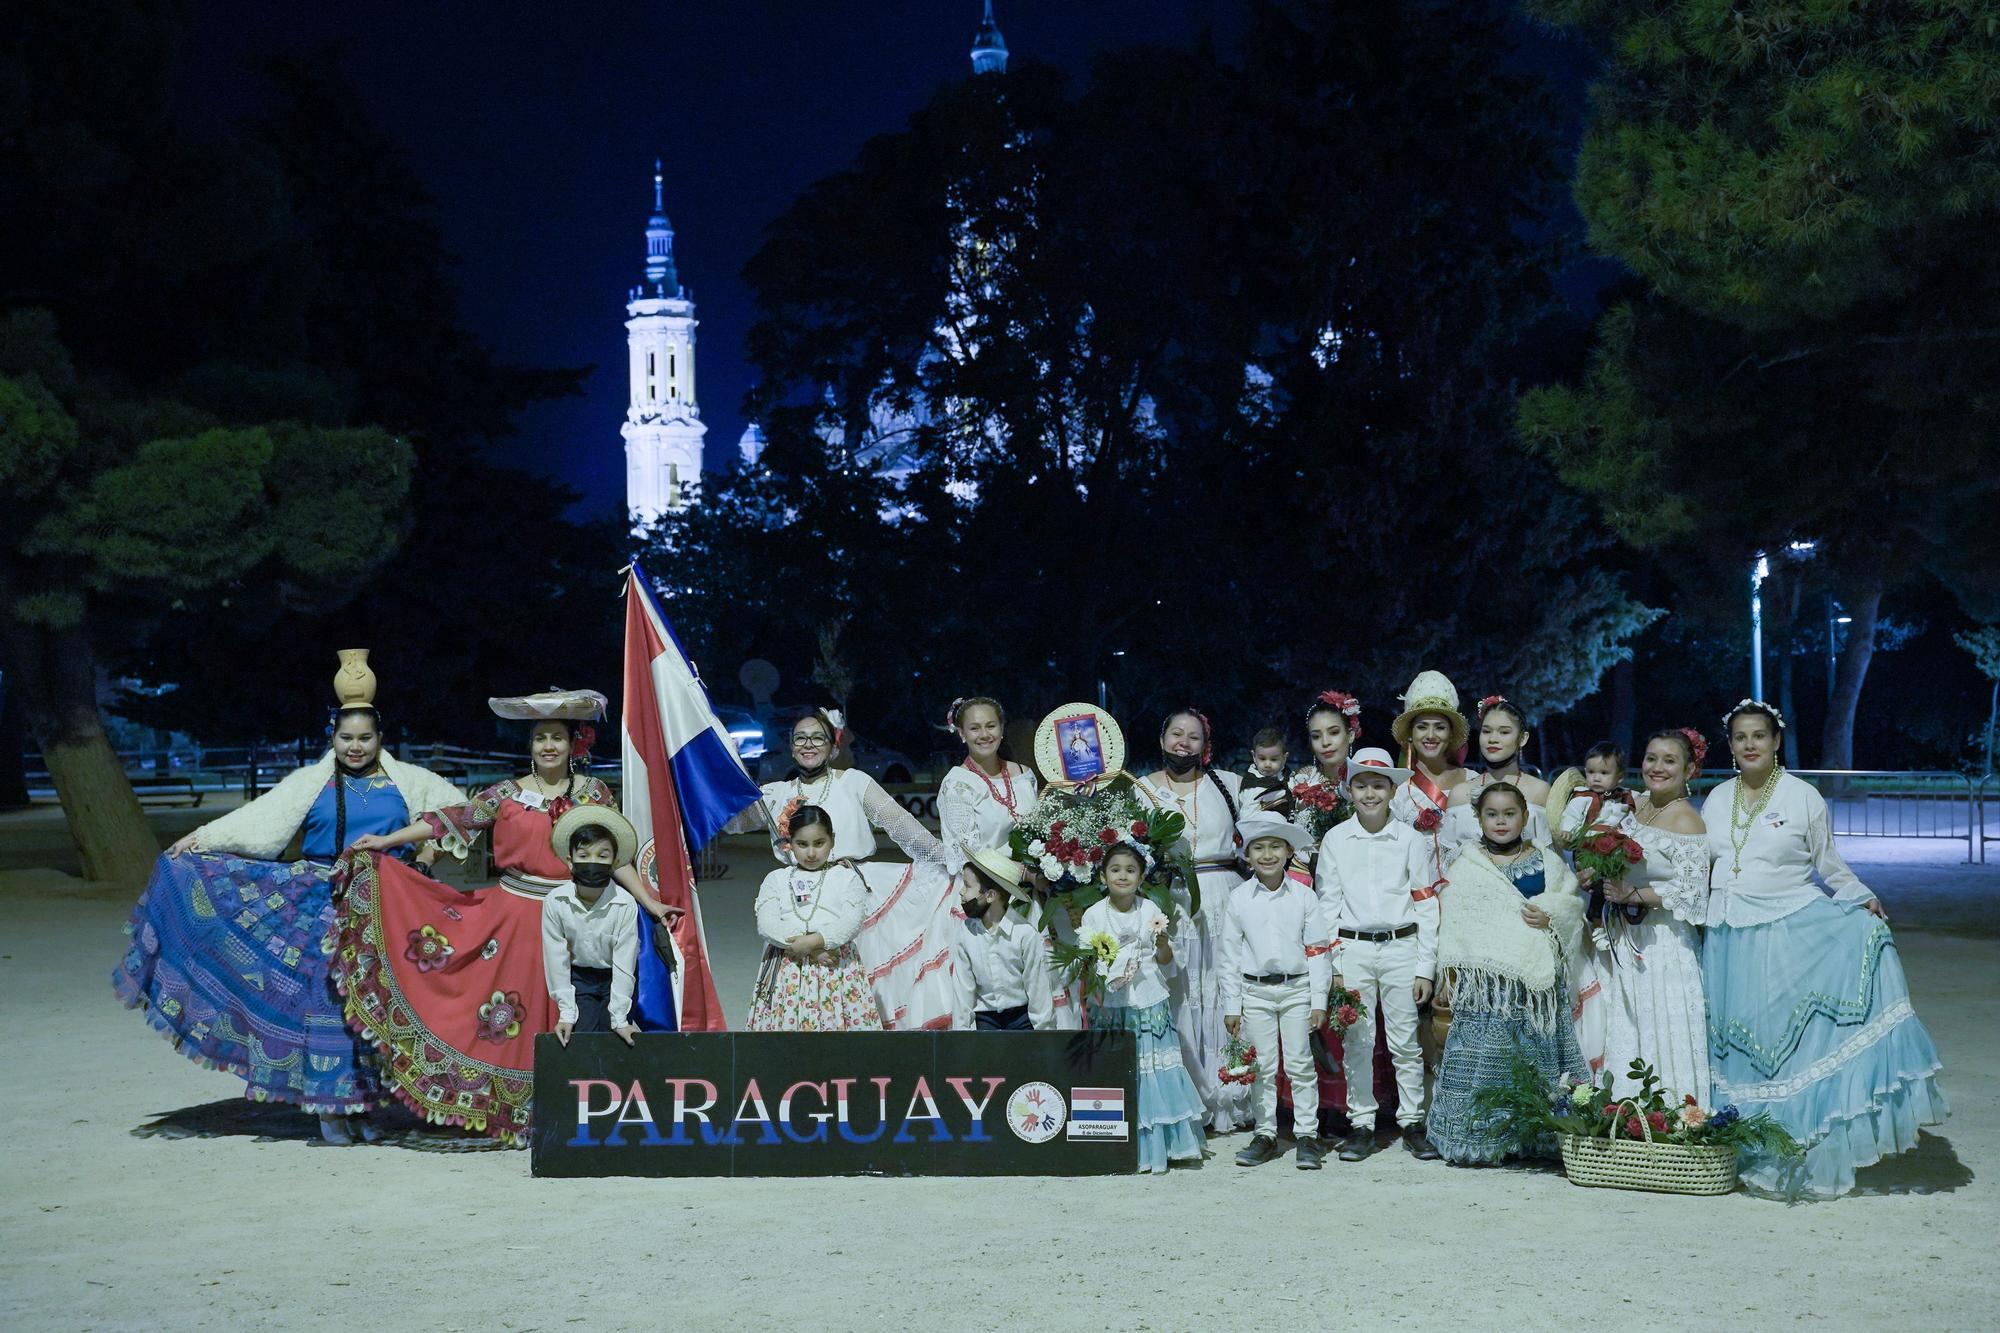 PARAGUAYOS Y AMIGOS - ASI PARAGUAY 8 DE DICIEMBRE